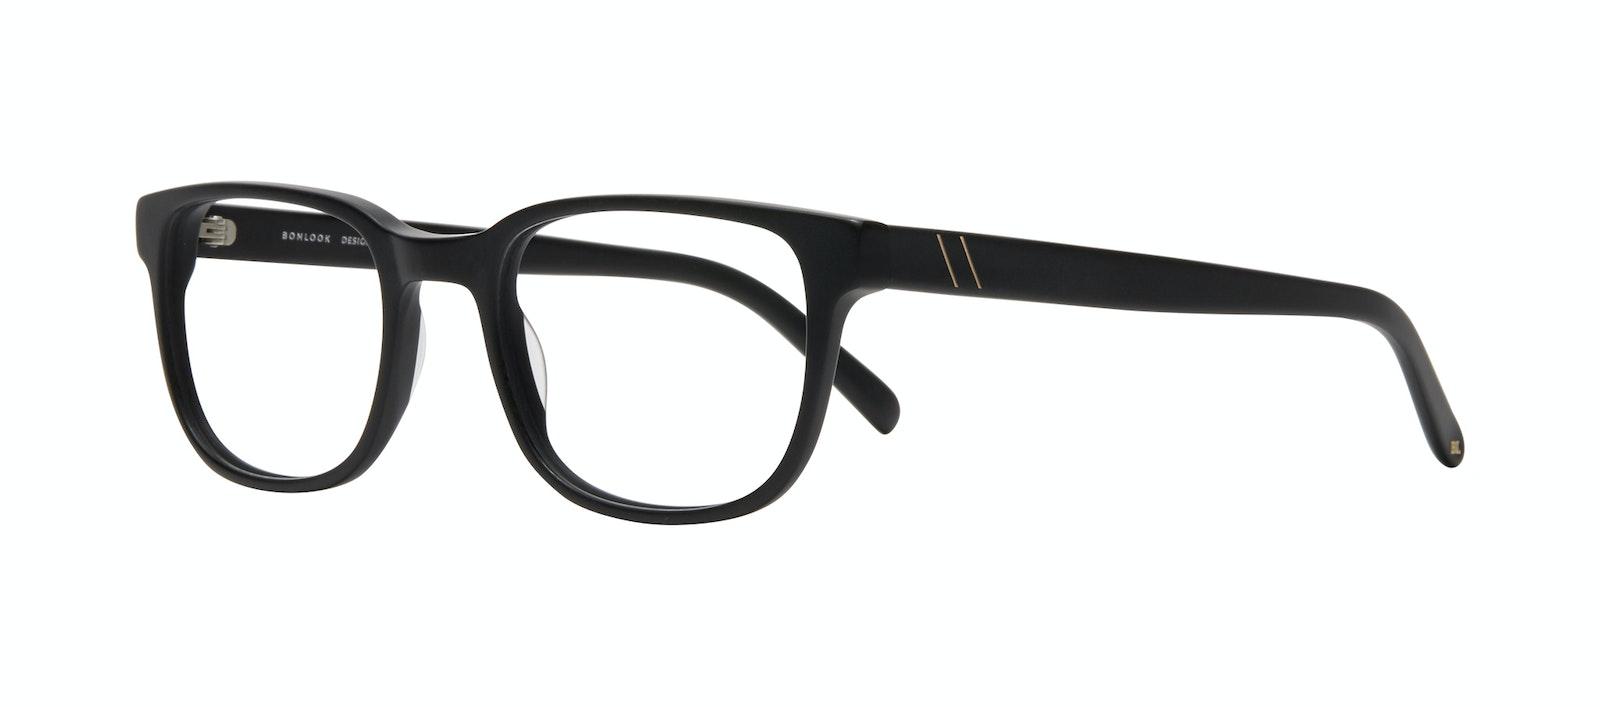 Affordable Fashion Glasses Square Eyeglasses Men Role Black Matte Tilt